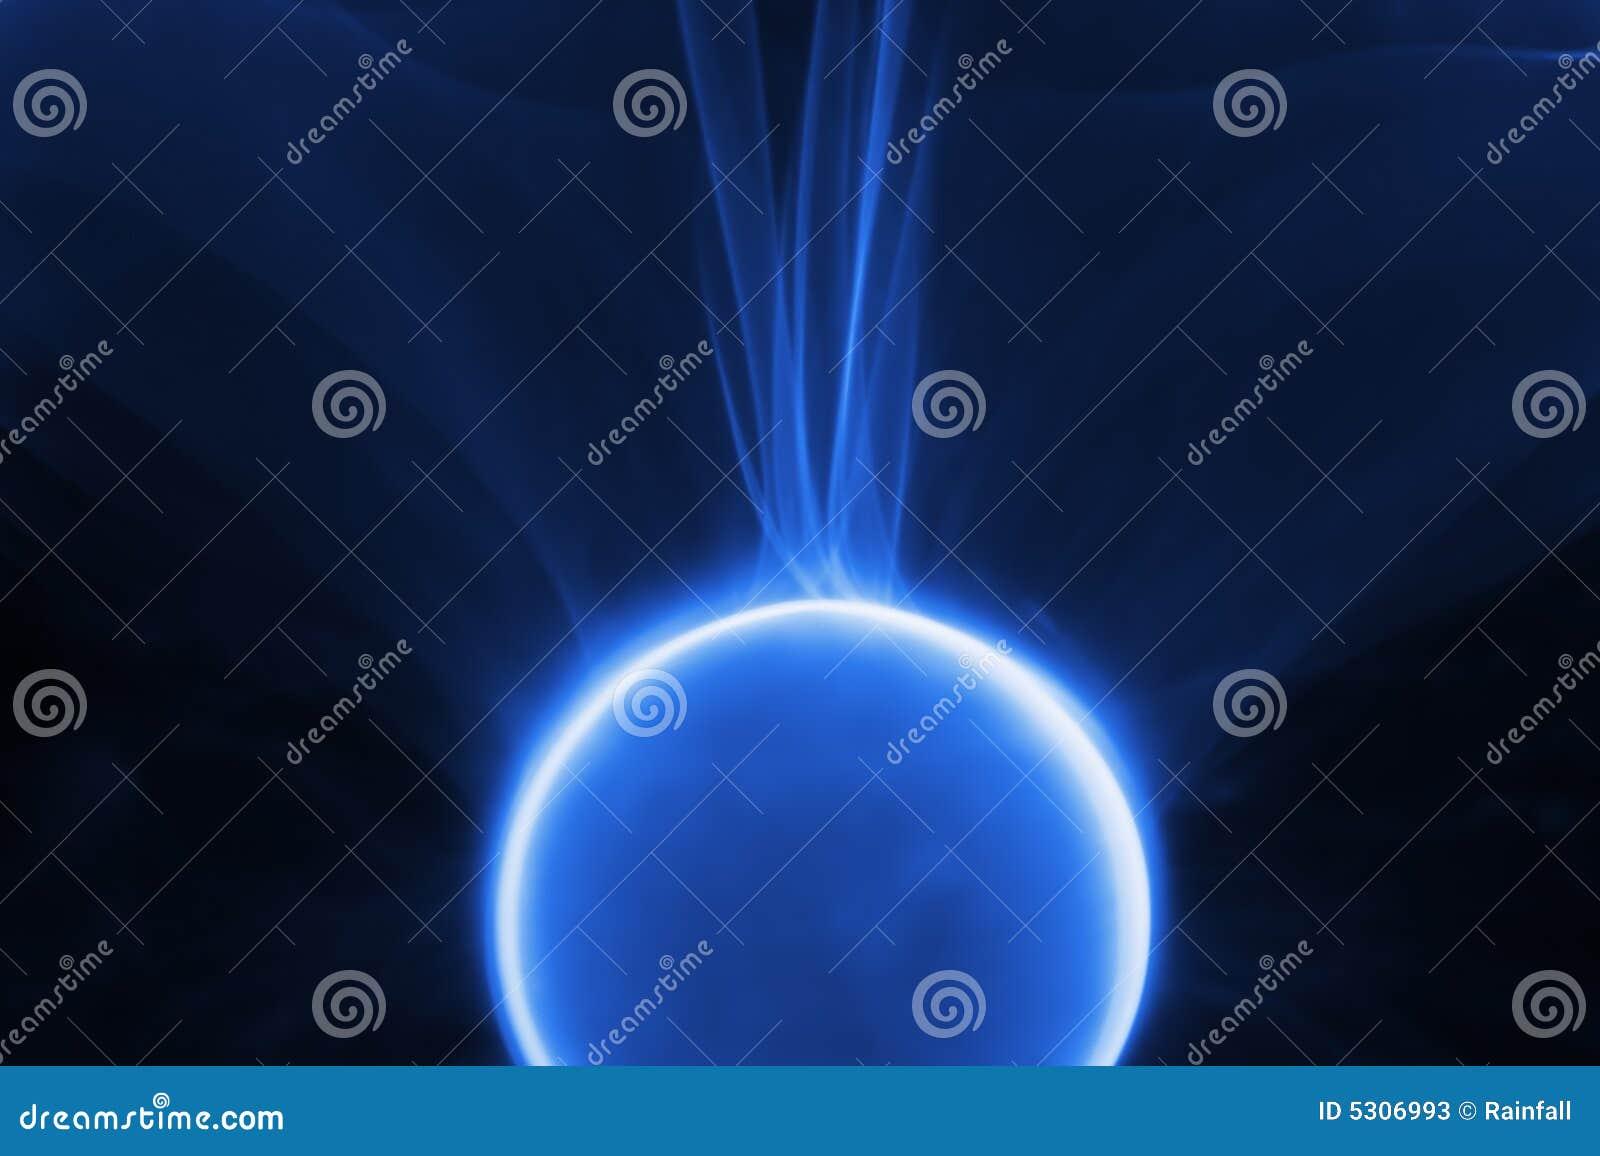 Download Plasma blu immagine stock. Immagine di straniero, fisica - 5306993